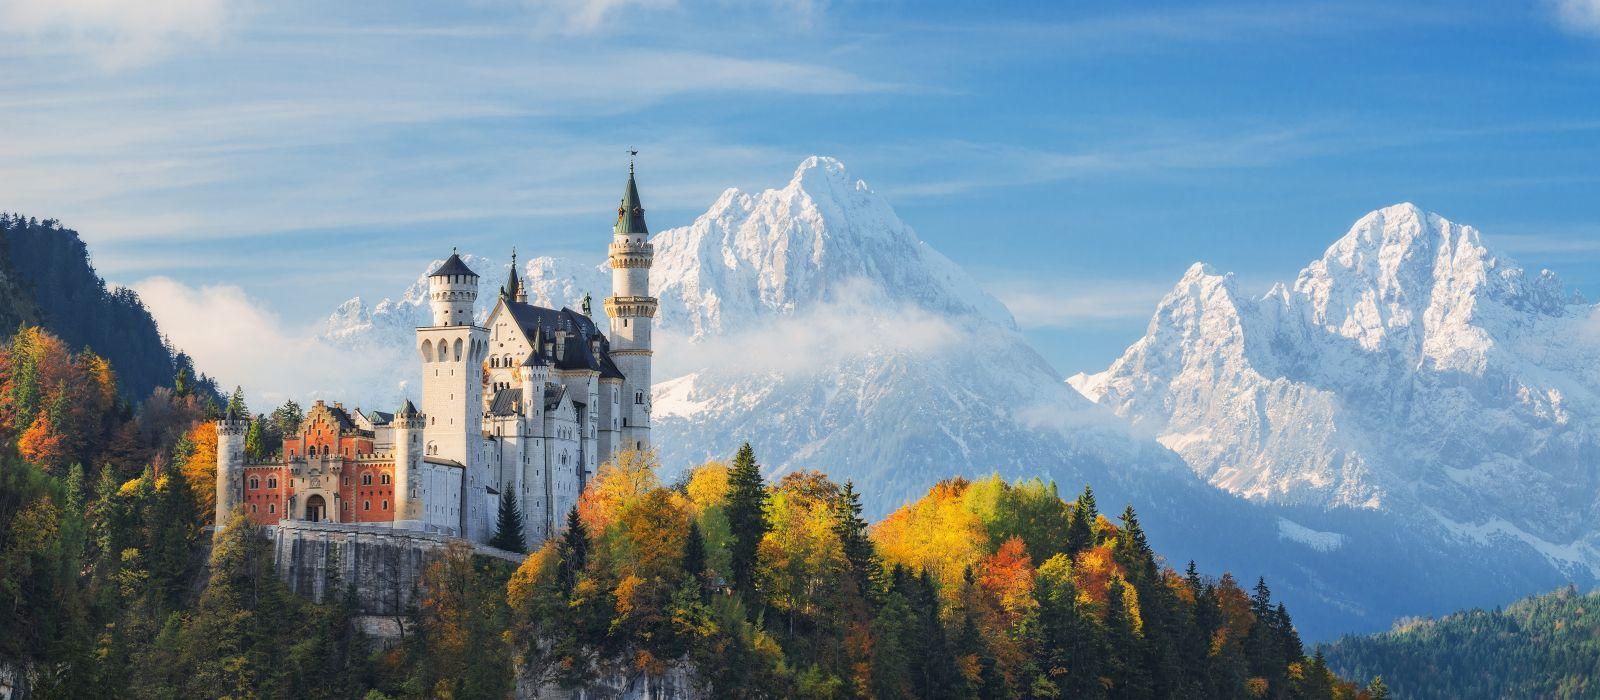 Destination Füssen Germany